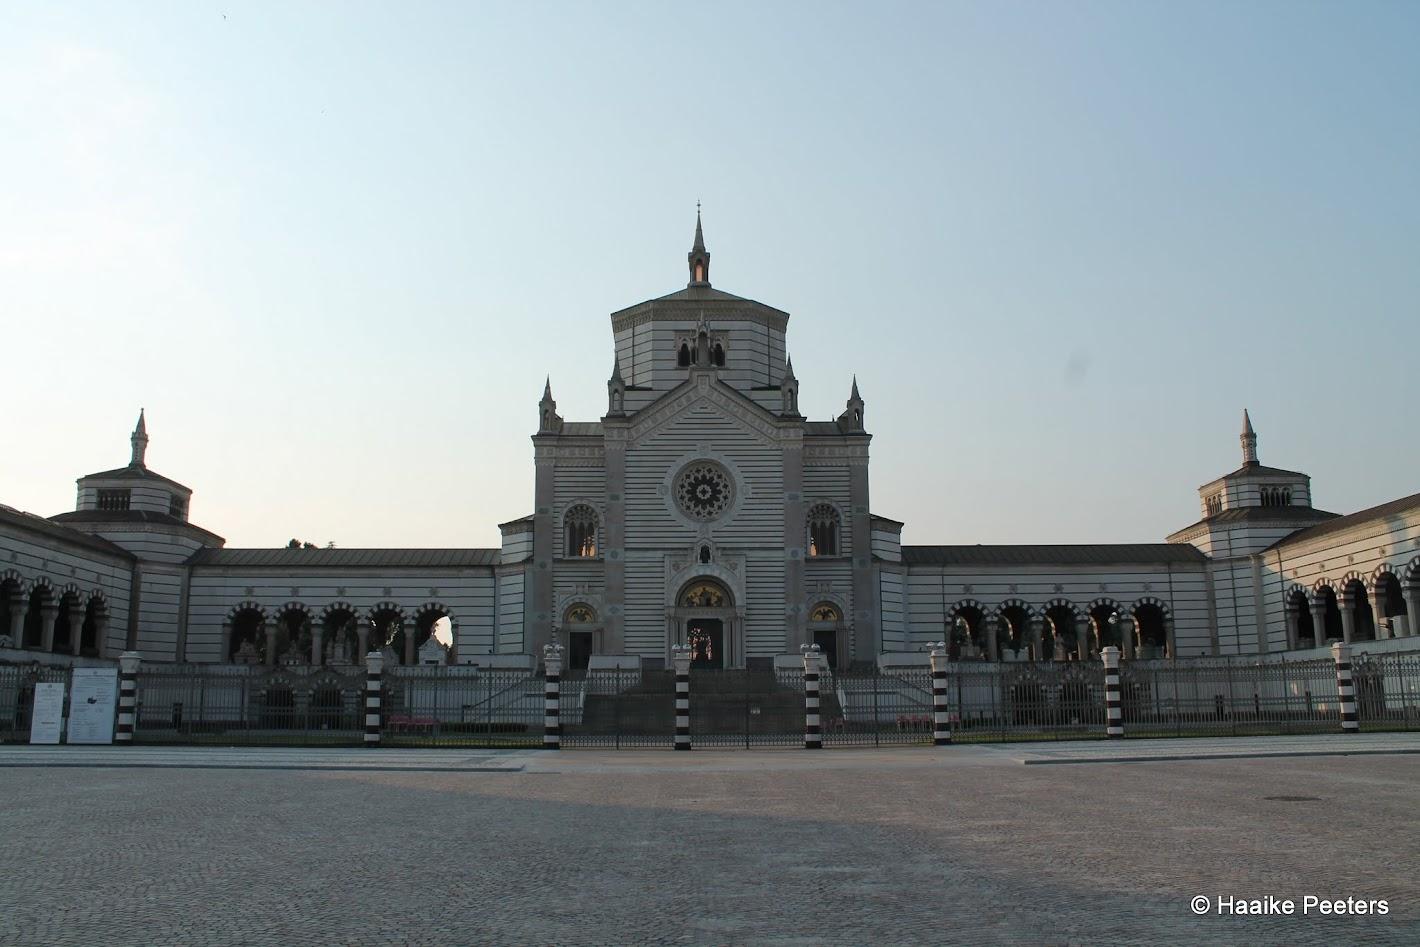 Cimitero monumentale Milano (Le petit requin)